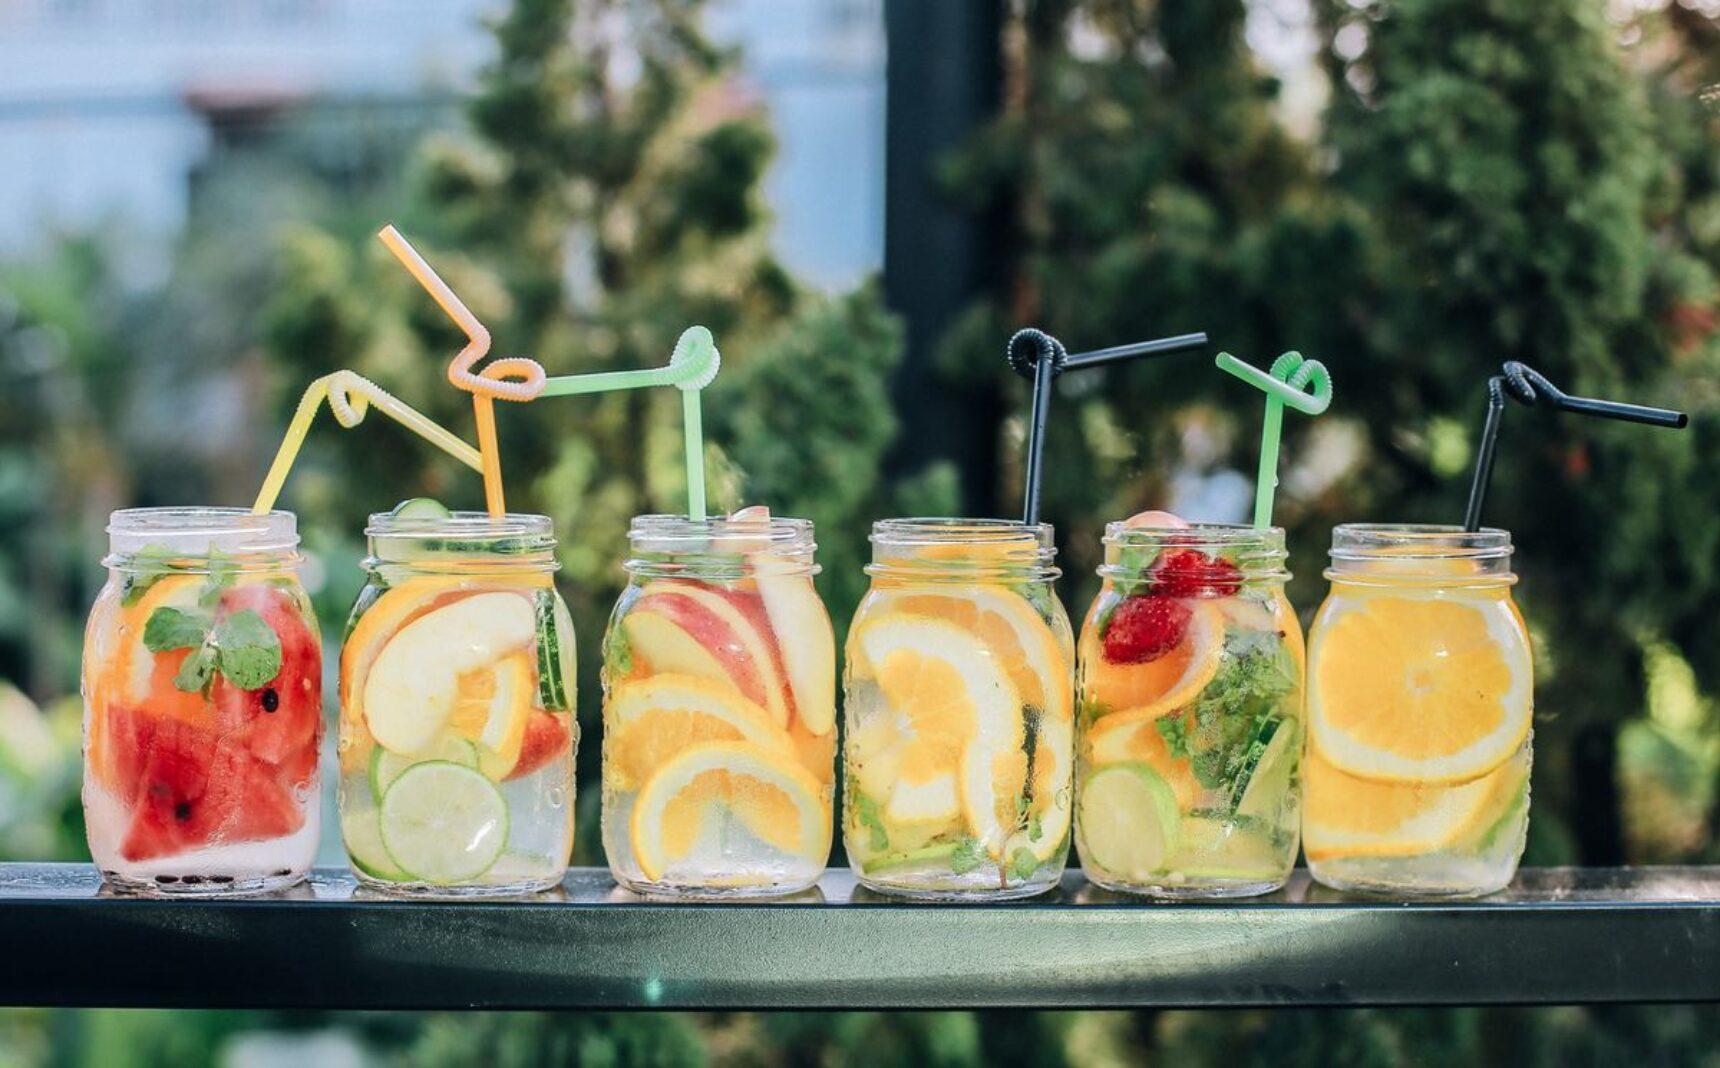 Najpopularniejsze drinki na wesele – sprawdź, których nie może zabraknąć w twojej karcie drinków!